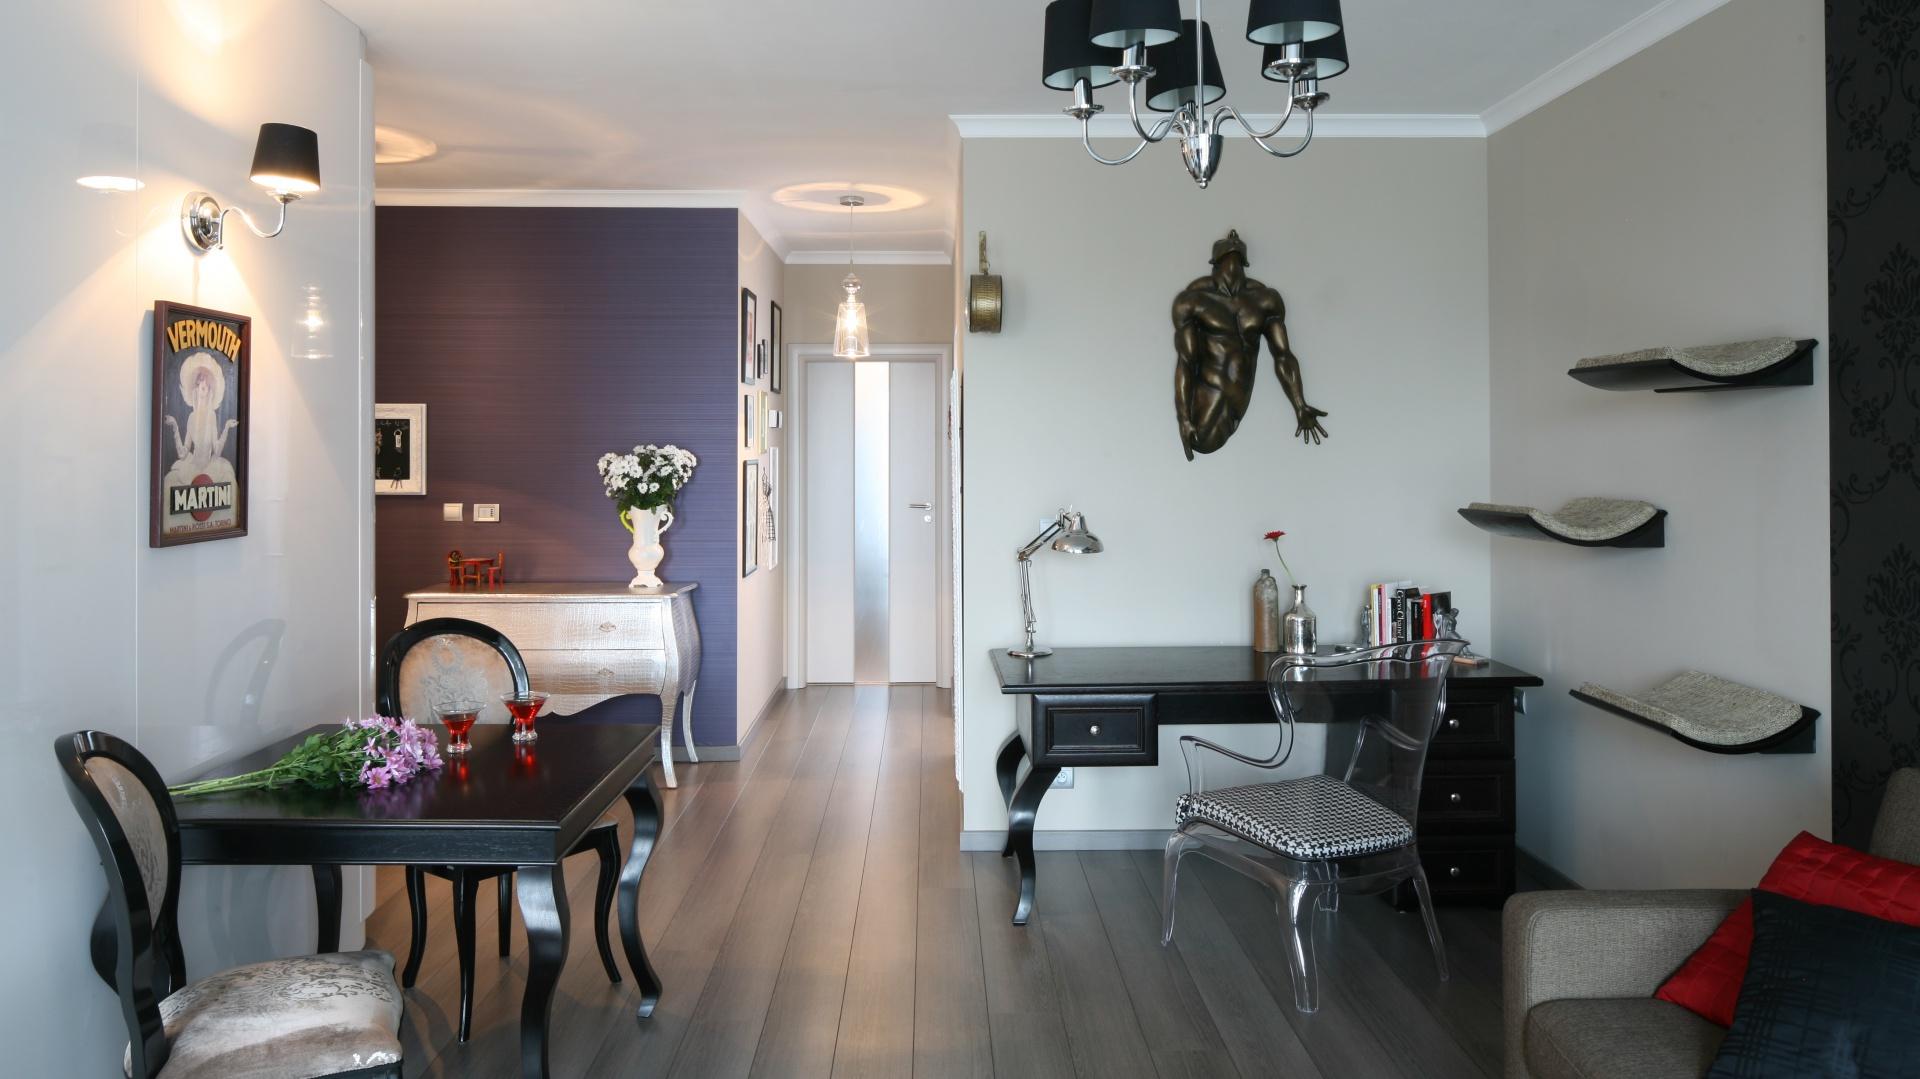 W urządzonym w stylu glamour wnętrzu zdecydowano się na duże tradycyjne biurko z klasycznymi elementami dekoracyjnymi. Projekt: Joanna Nawrocka. Fot. Bartosz Jarosz.